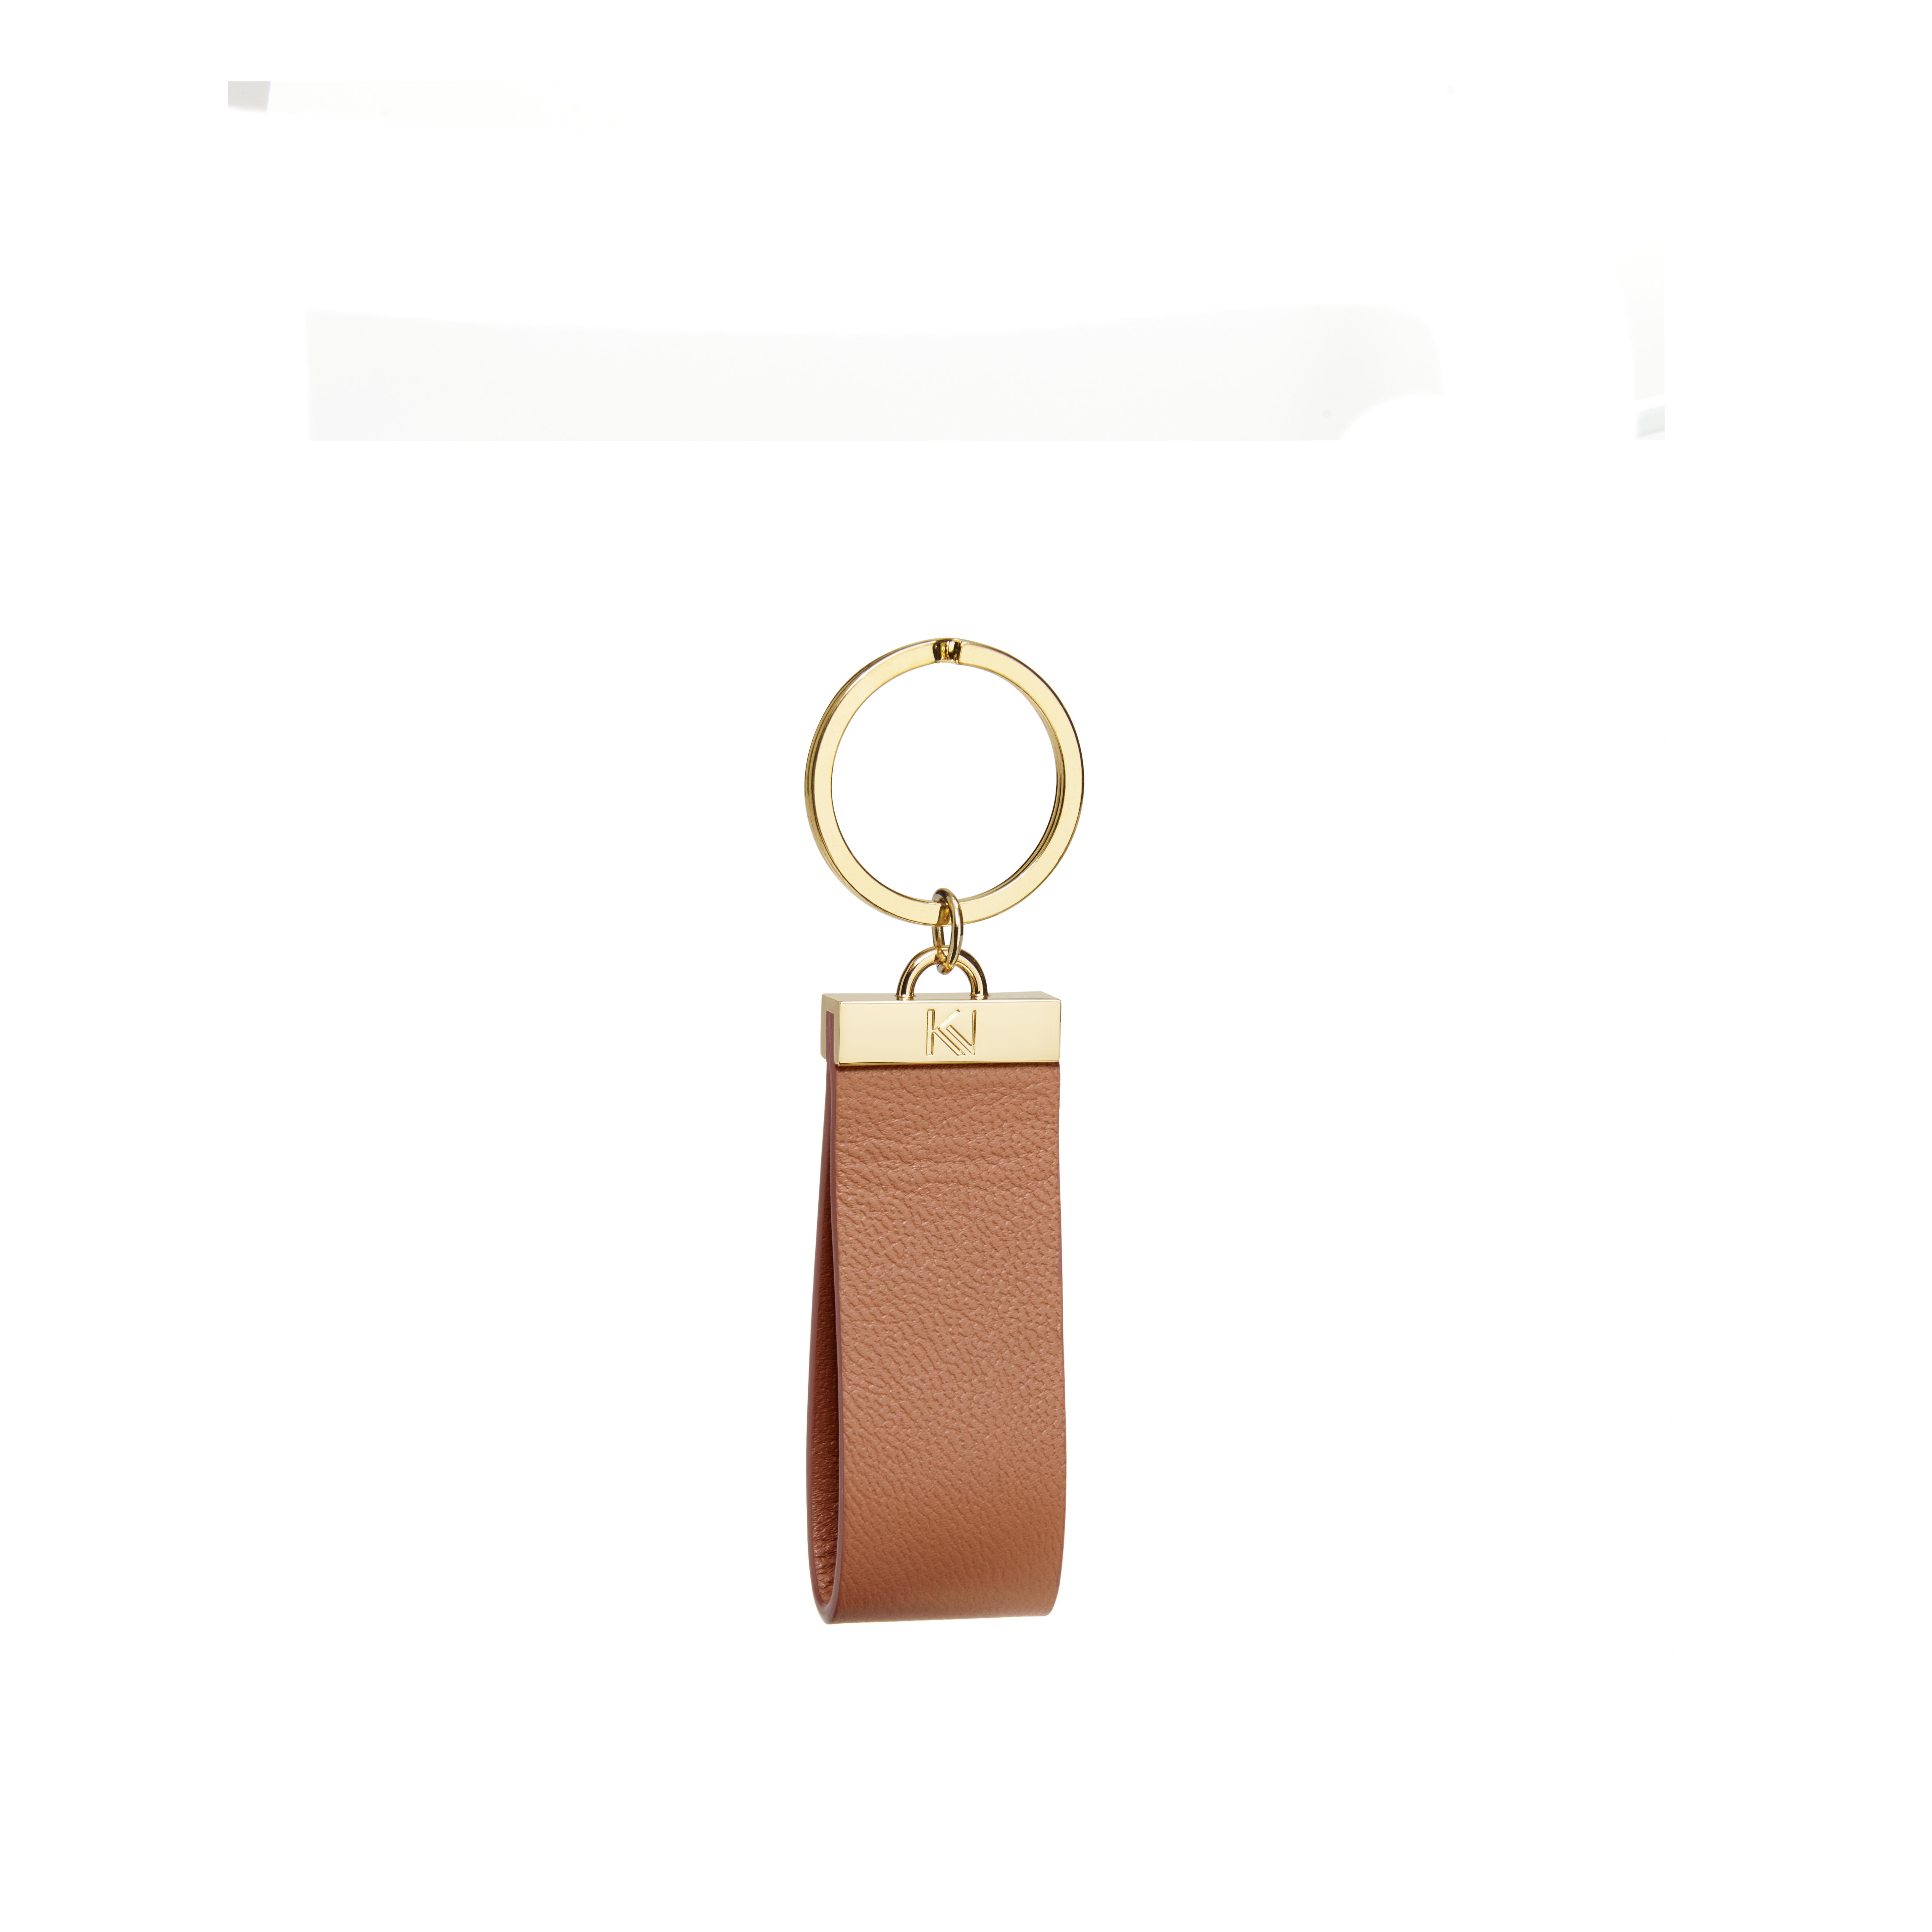 porte-clés-cuir-grainé-terre-de-sienne-ingénieux-karenvogt-1